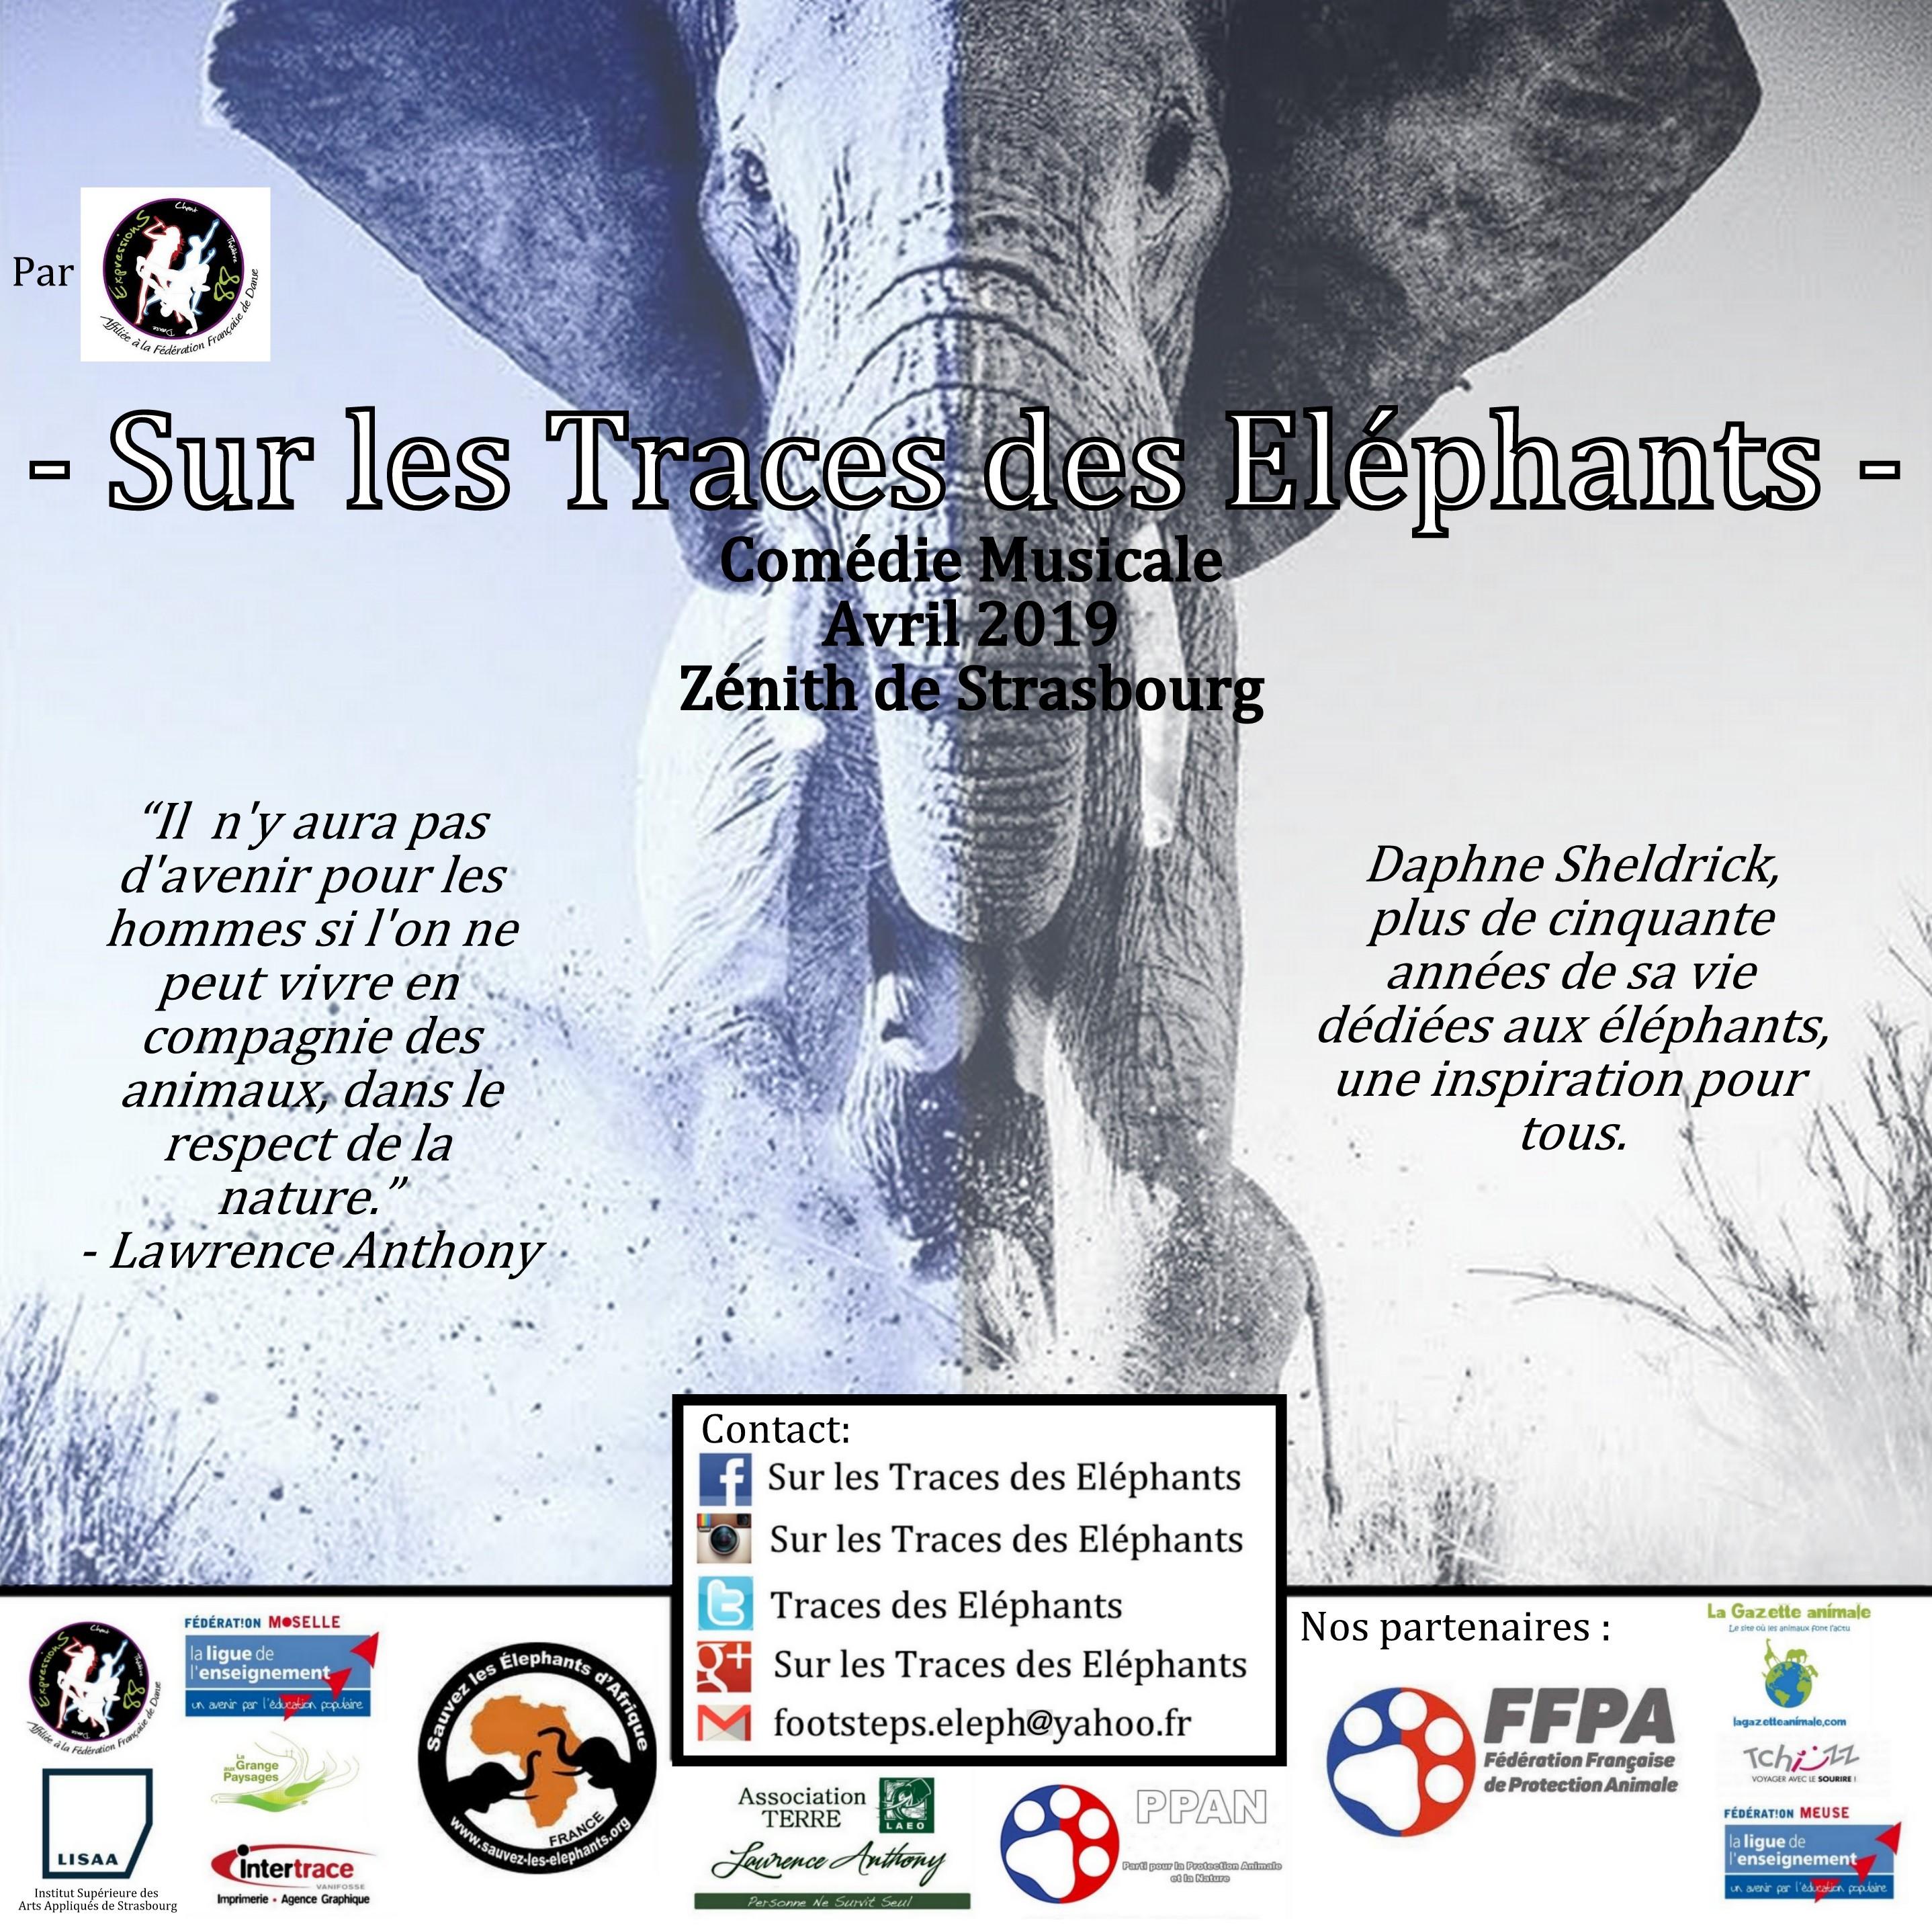 Sur les Traces des Elephants